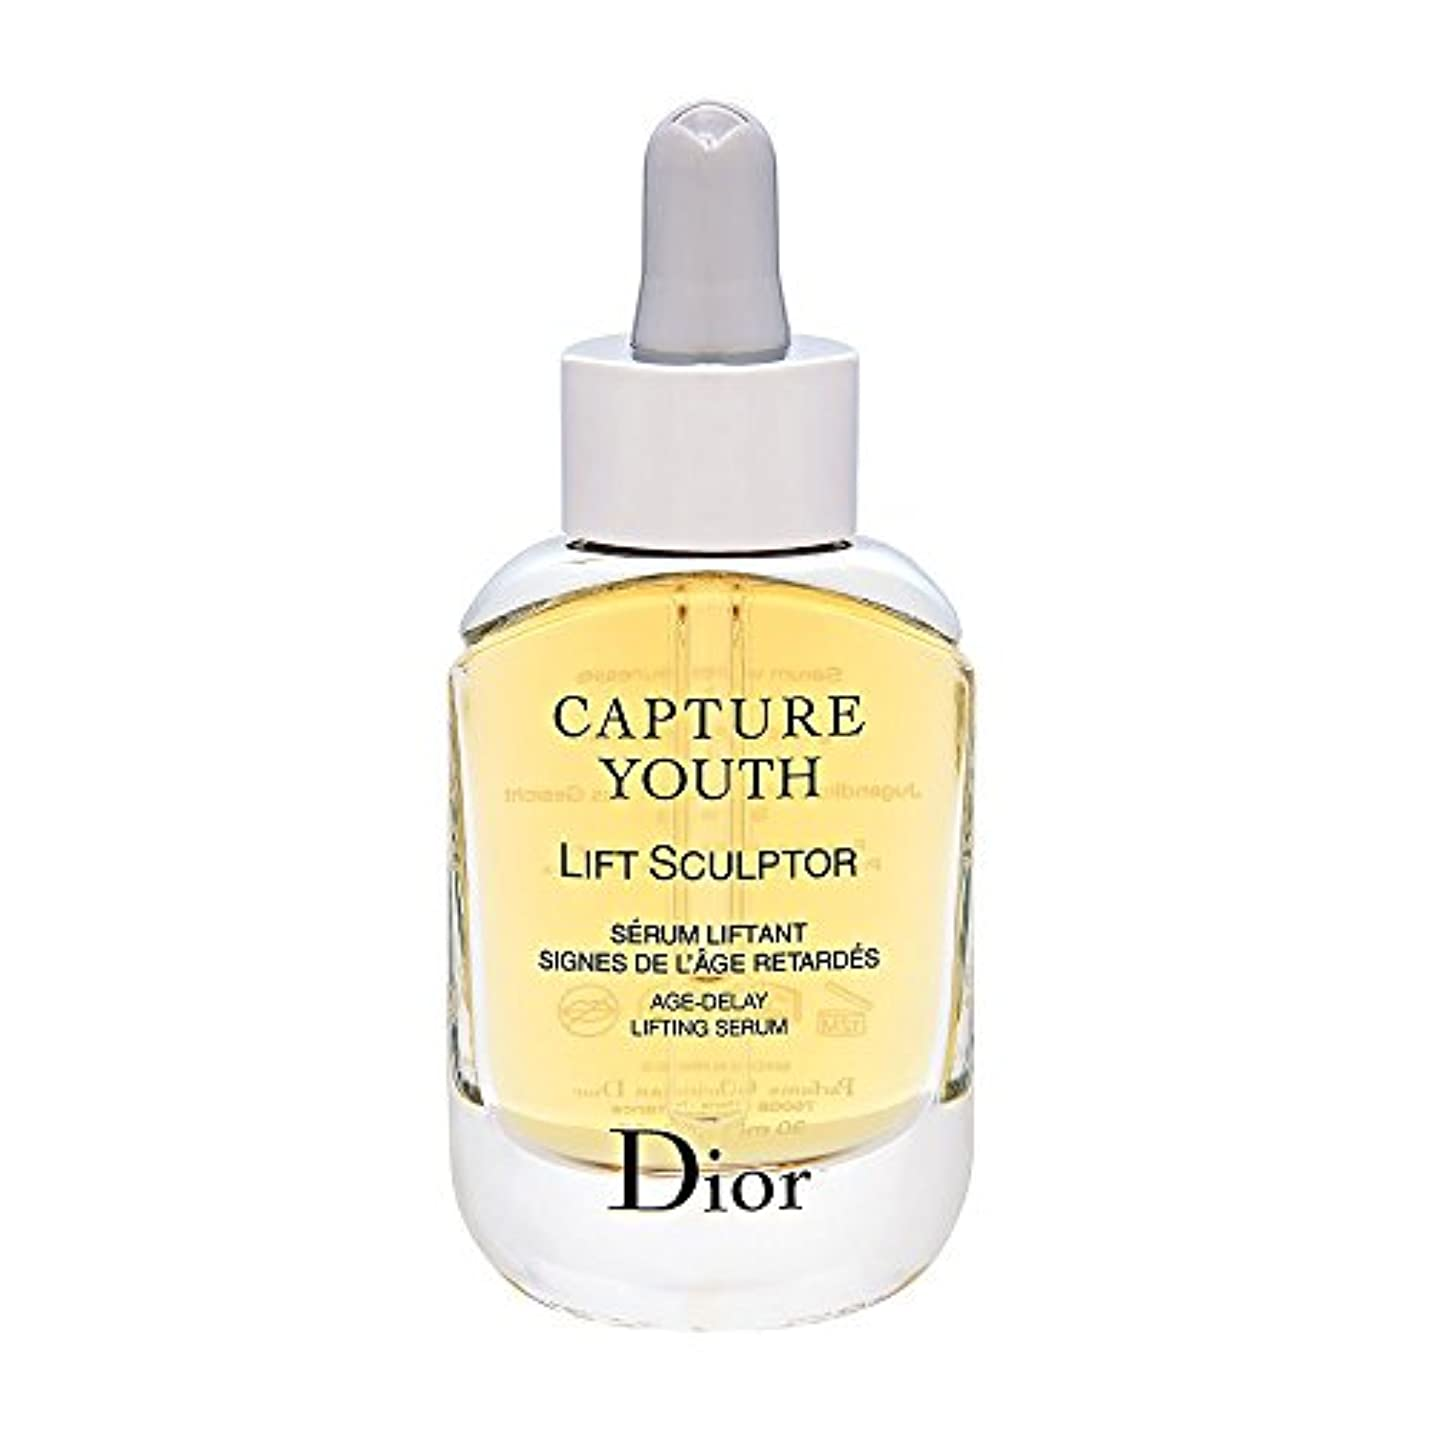 バドミントン着飾る準備したクリスチャンディオール Christian Dior カプチュール ユース L スカルプター 30mL [並行輸入品]